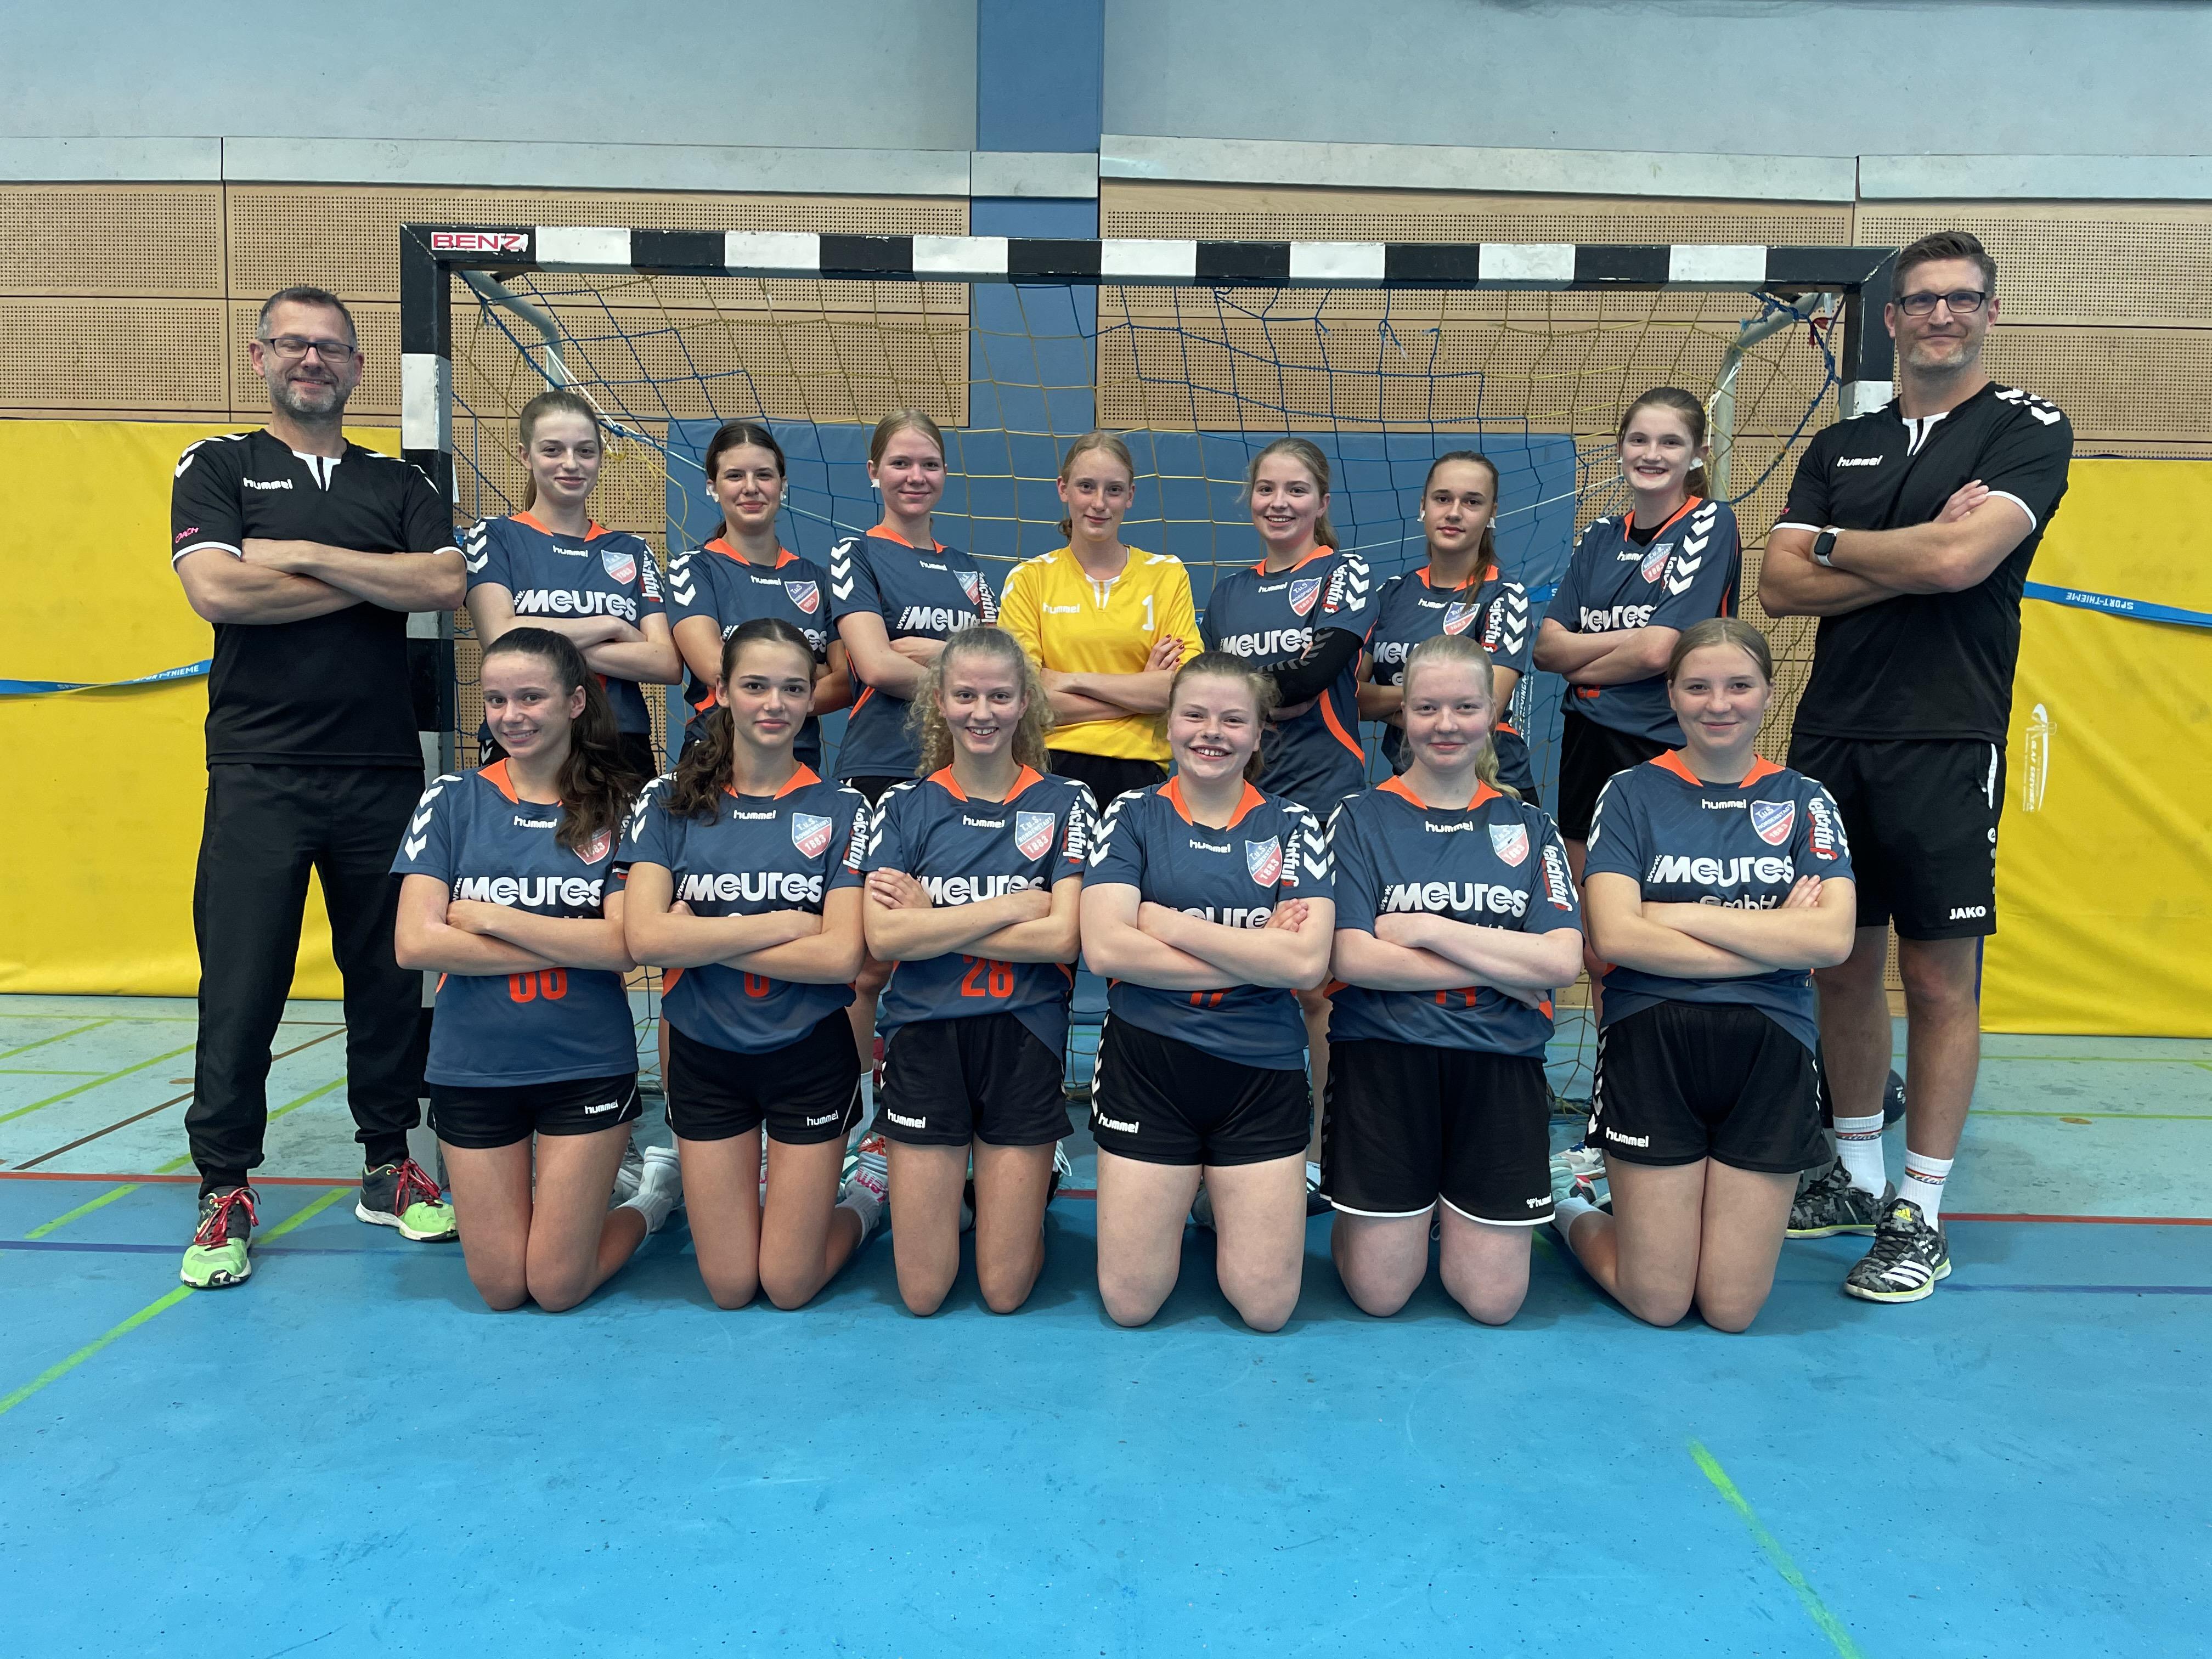 https://tus-nordenstadt-handball.de/wp-content/uploads/2021/09/weibliche-B-Jugend.jpg